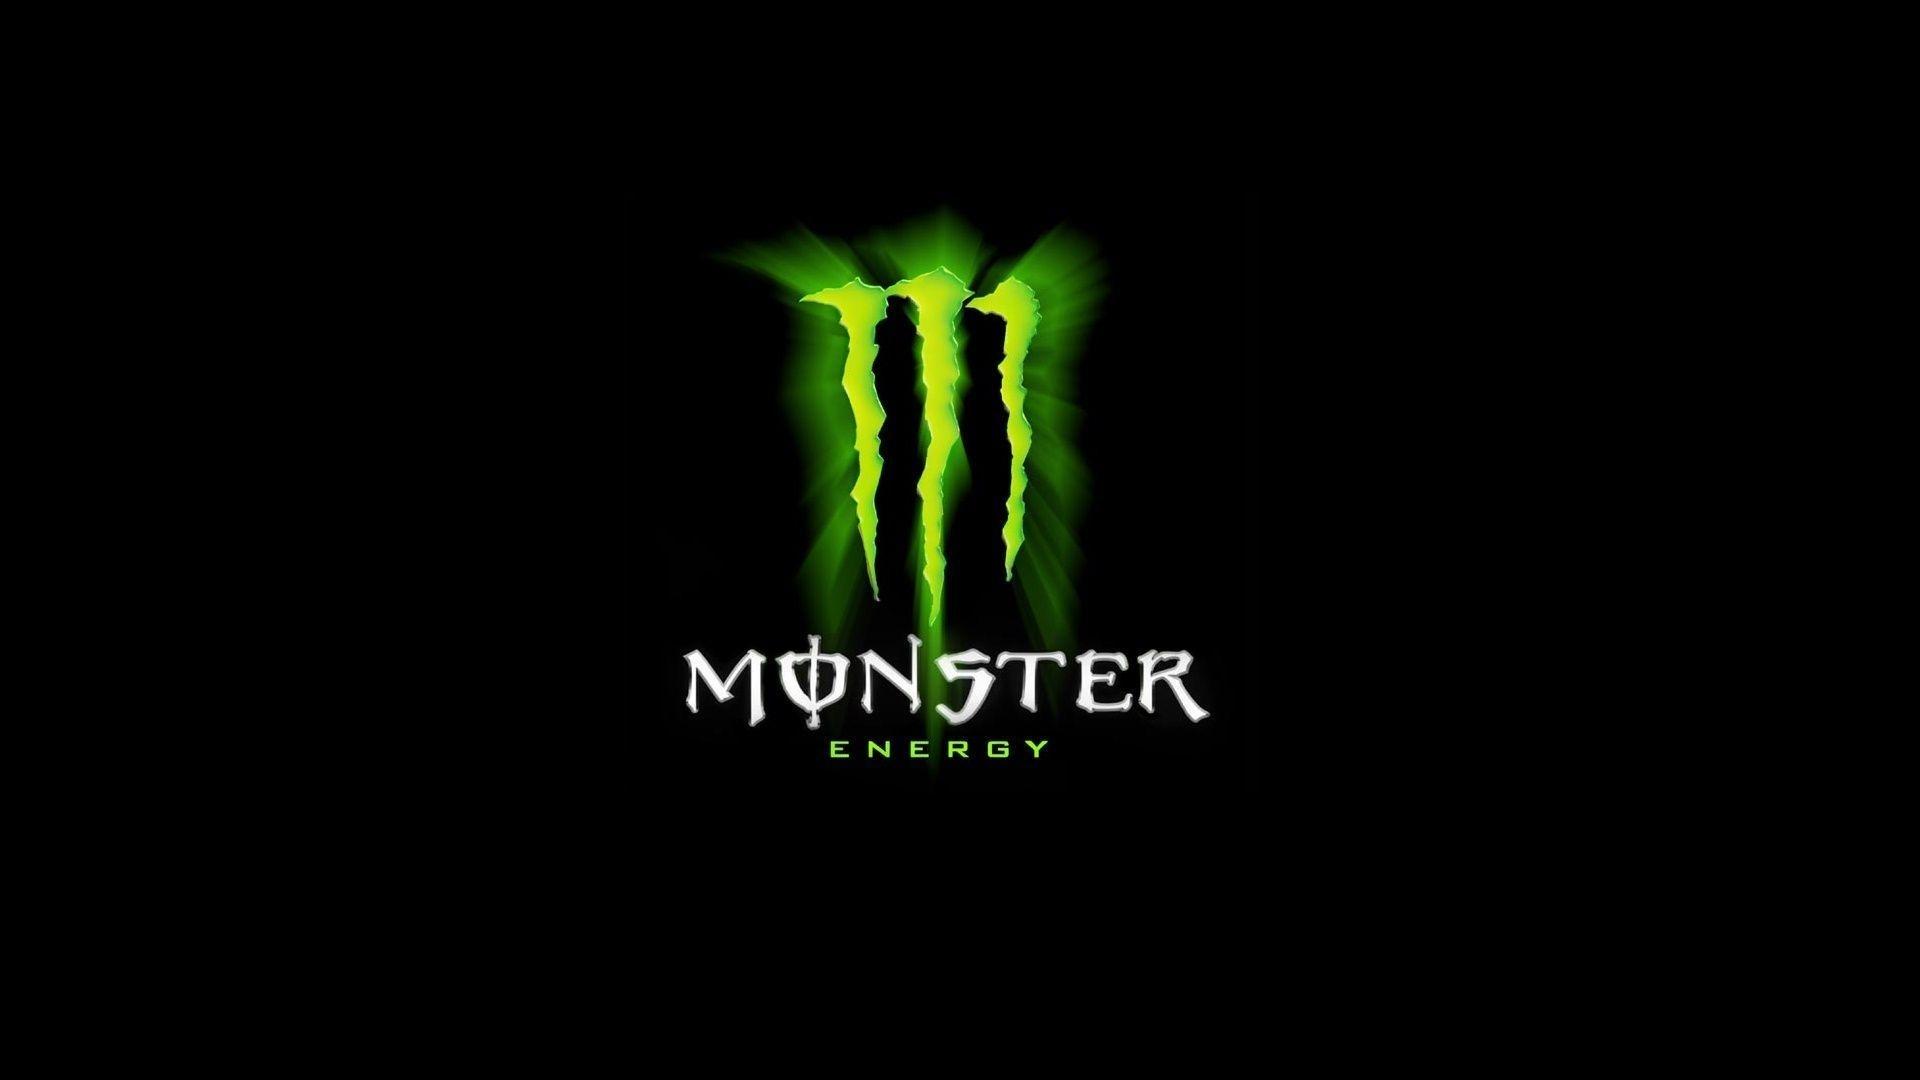 10 New Monster Energy Hd Wallpaper FULL HD 1920×1080 For PC Desktop